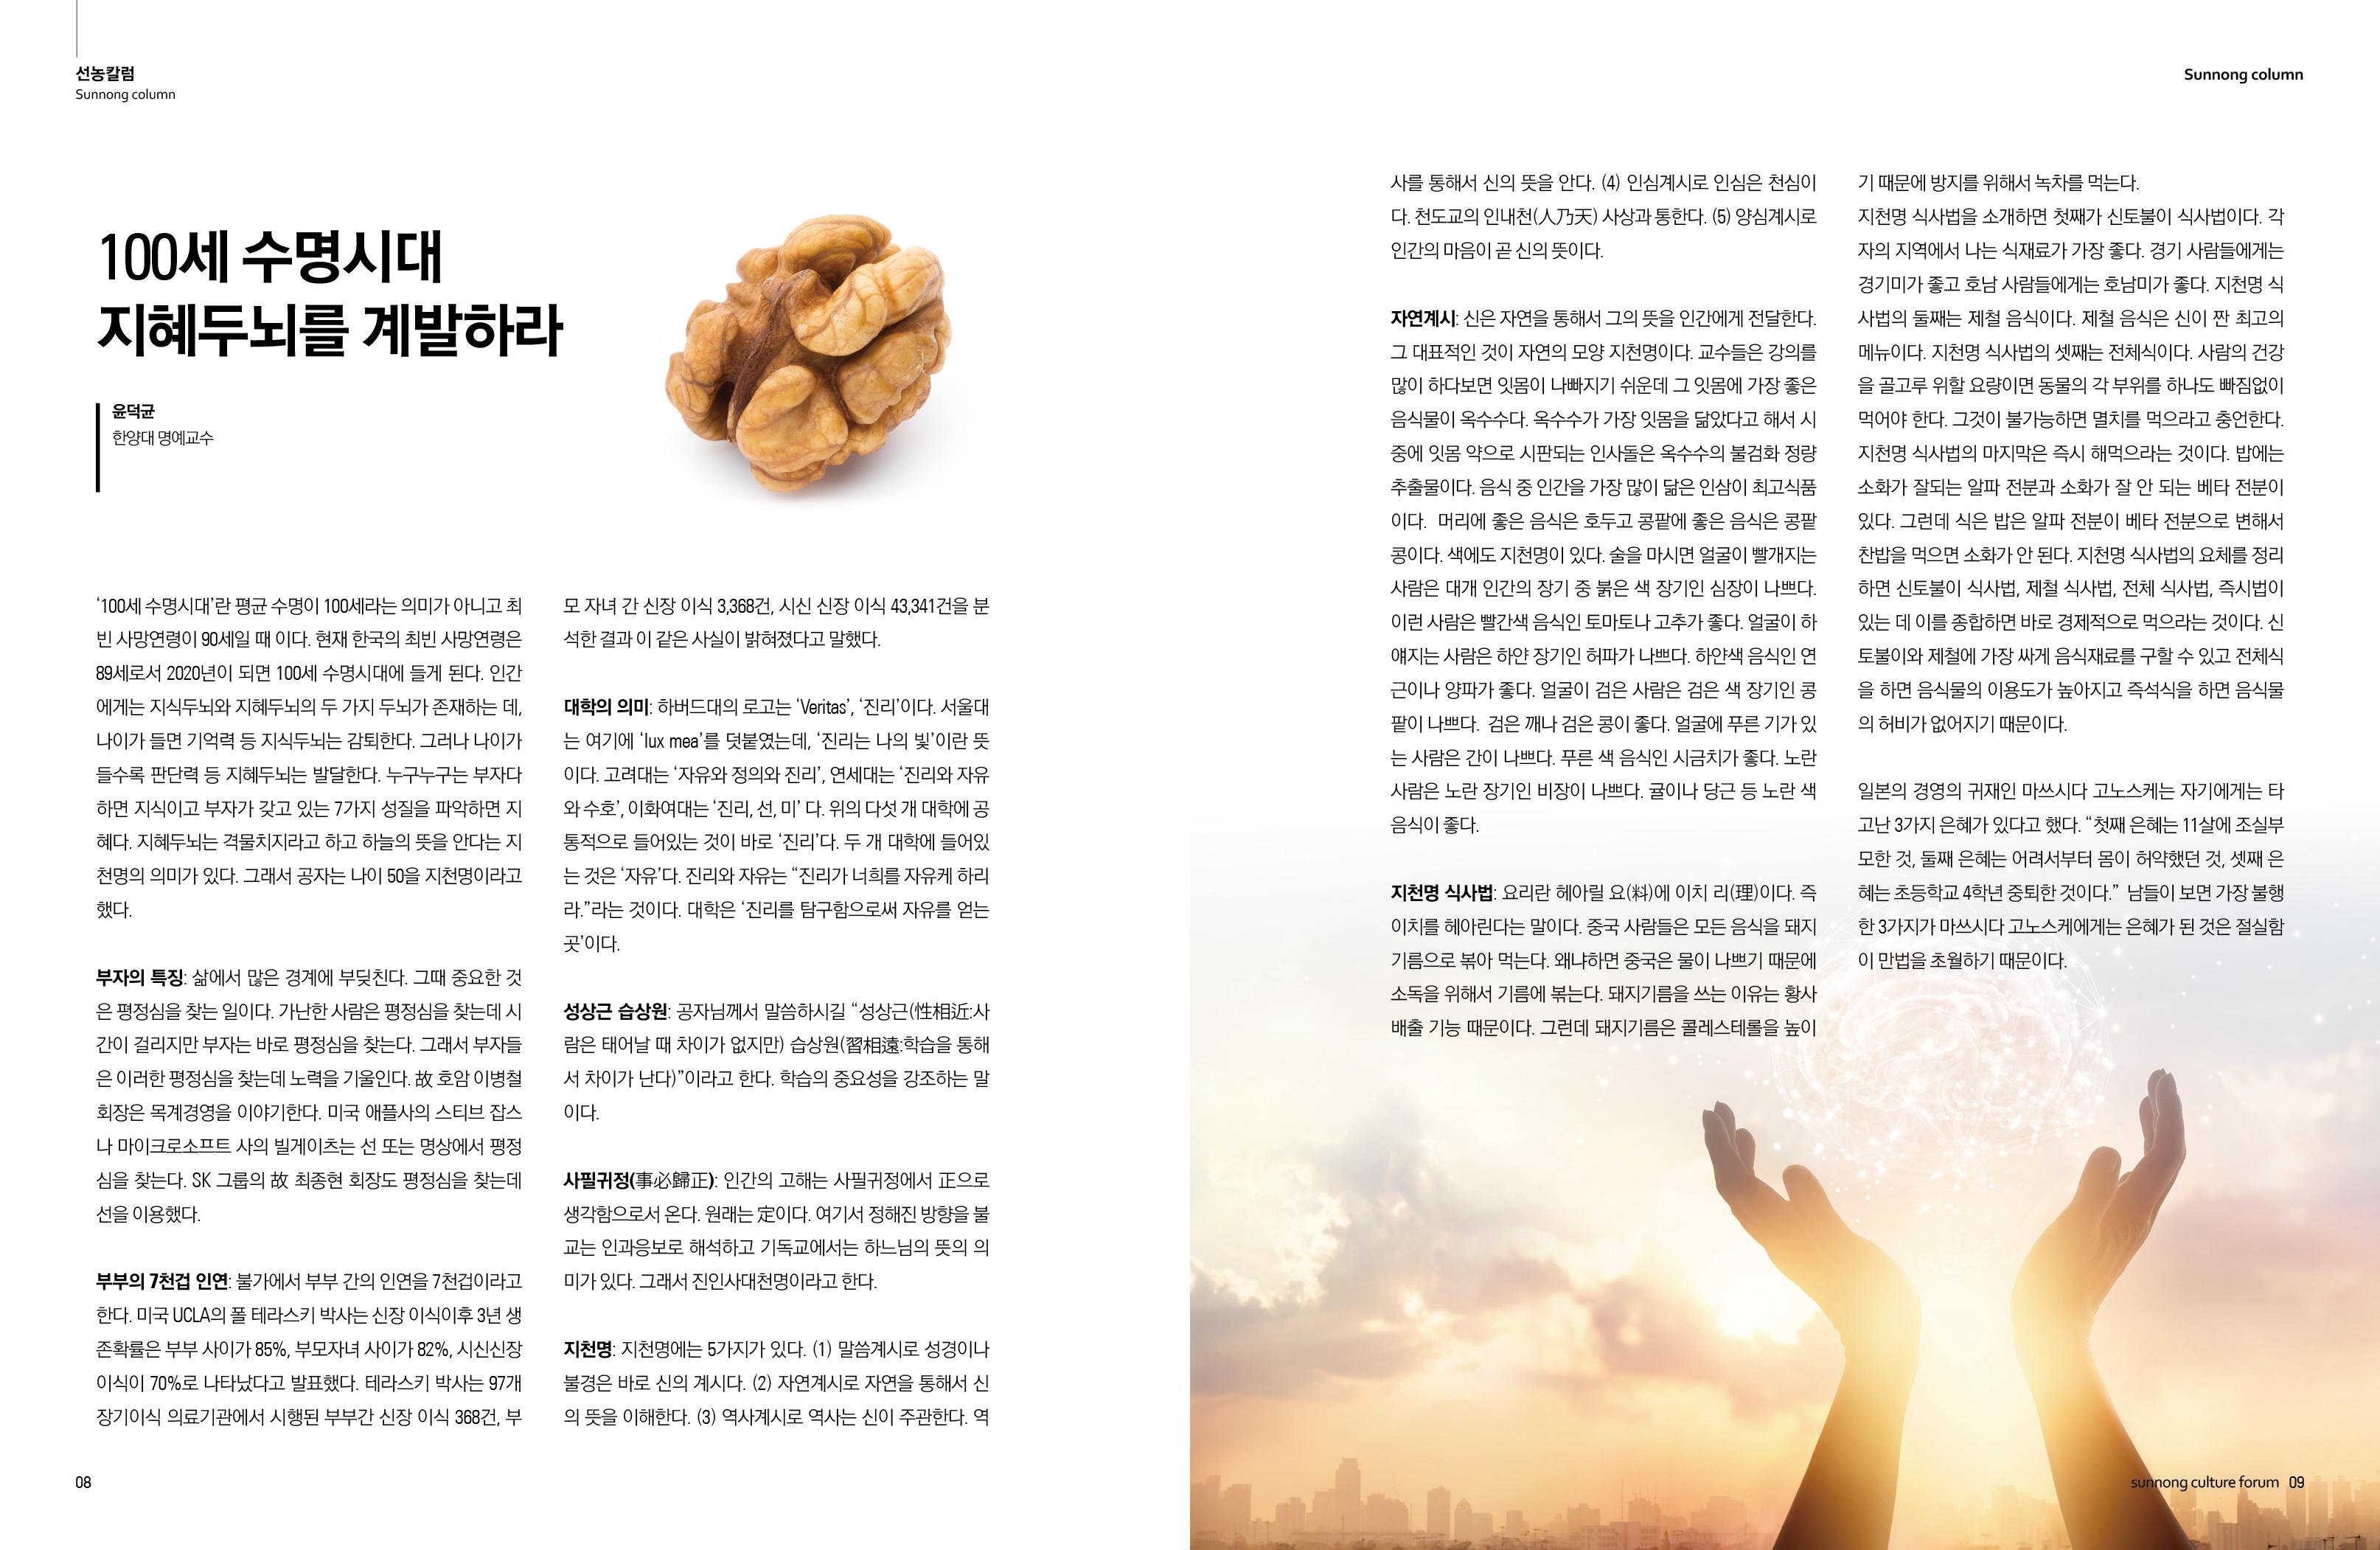 강의노트_윤덕균교수_20190307.jpg